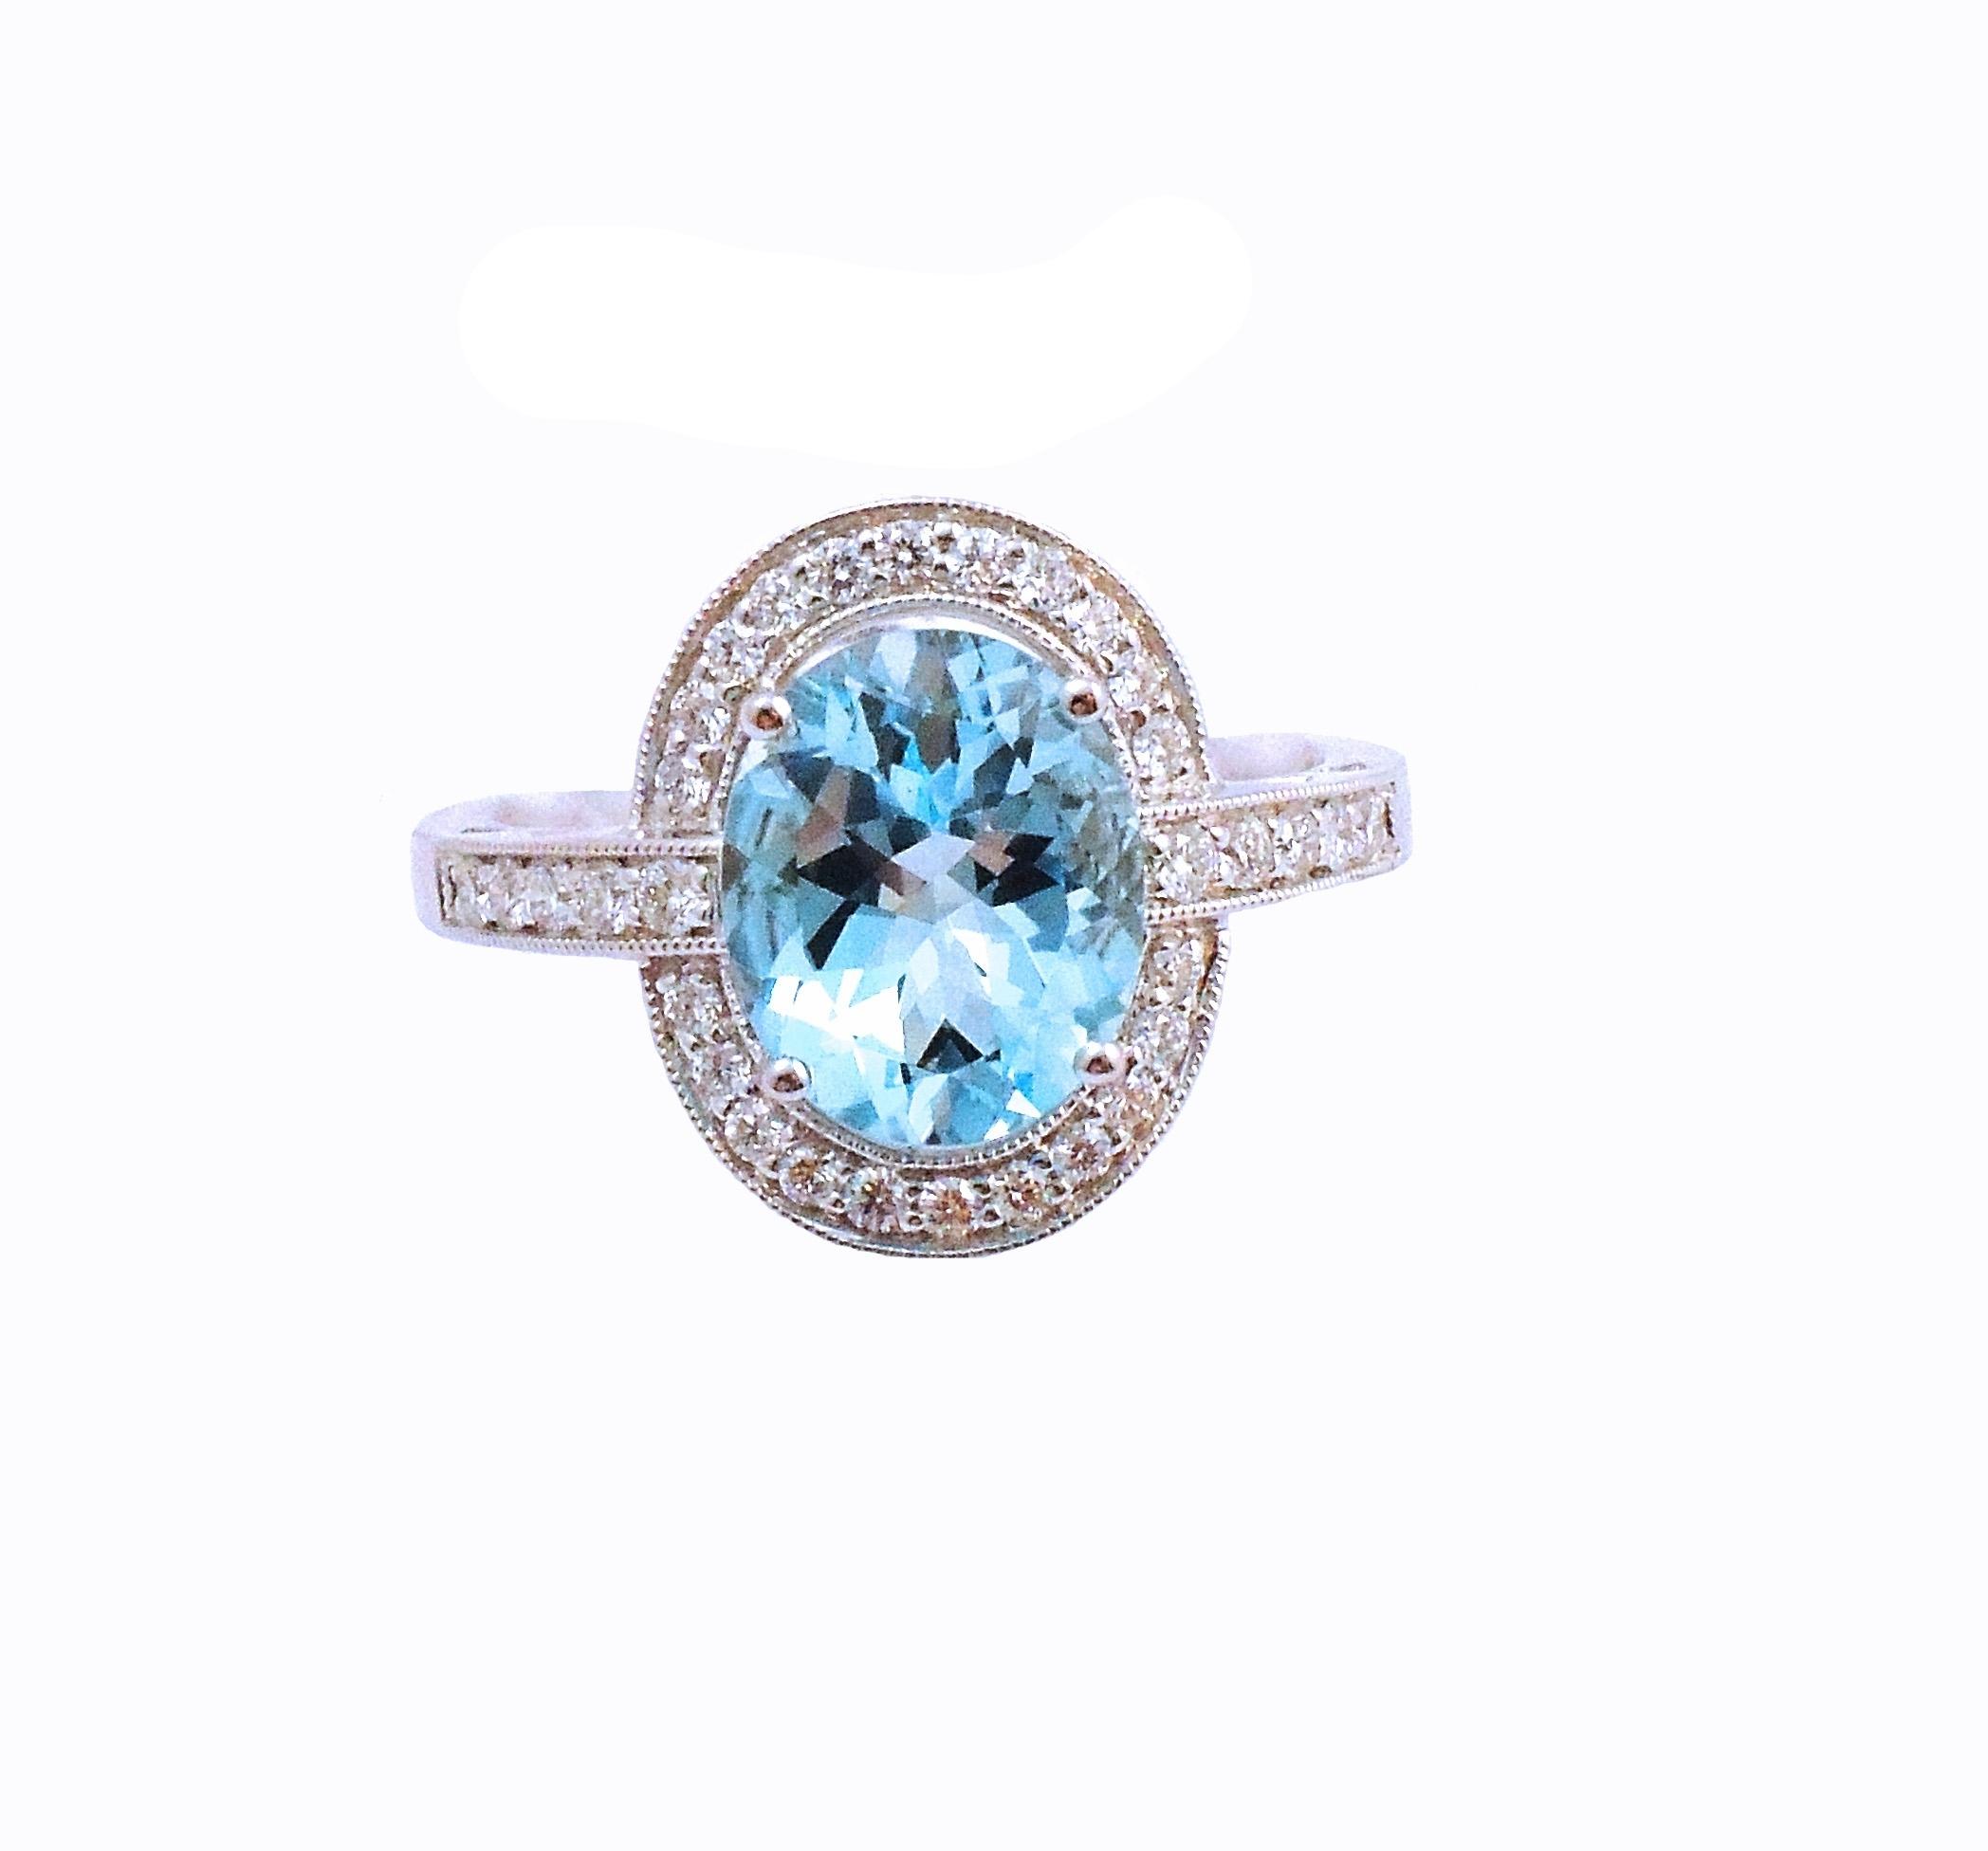 14K White Gold 2.23ct Aquamarine & Diamond Ring